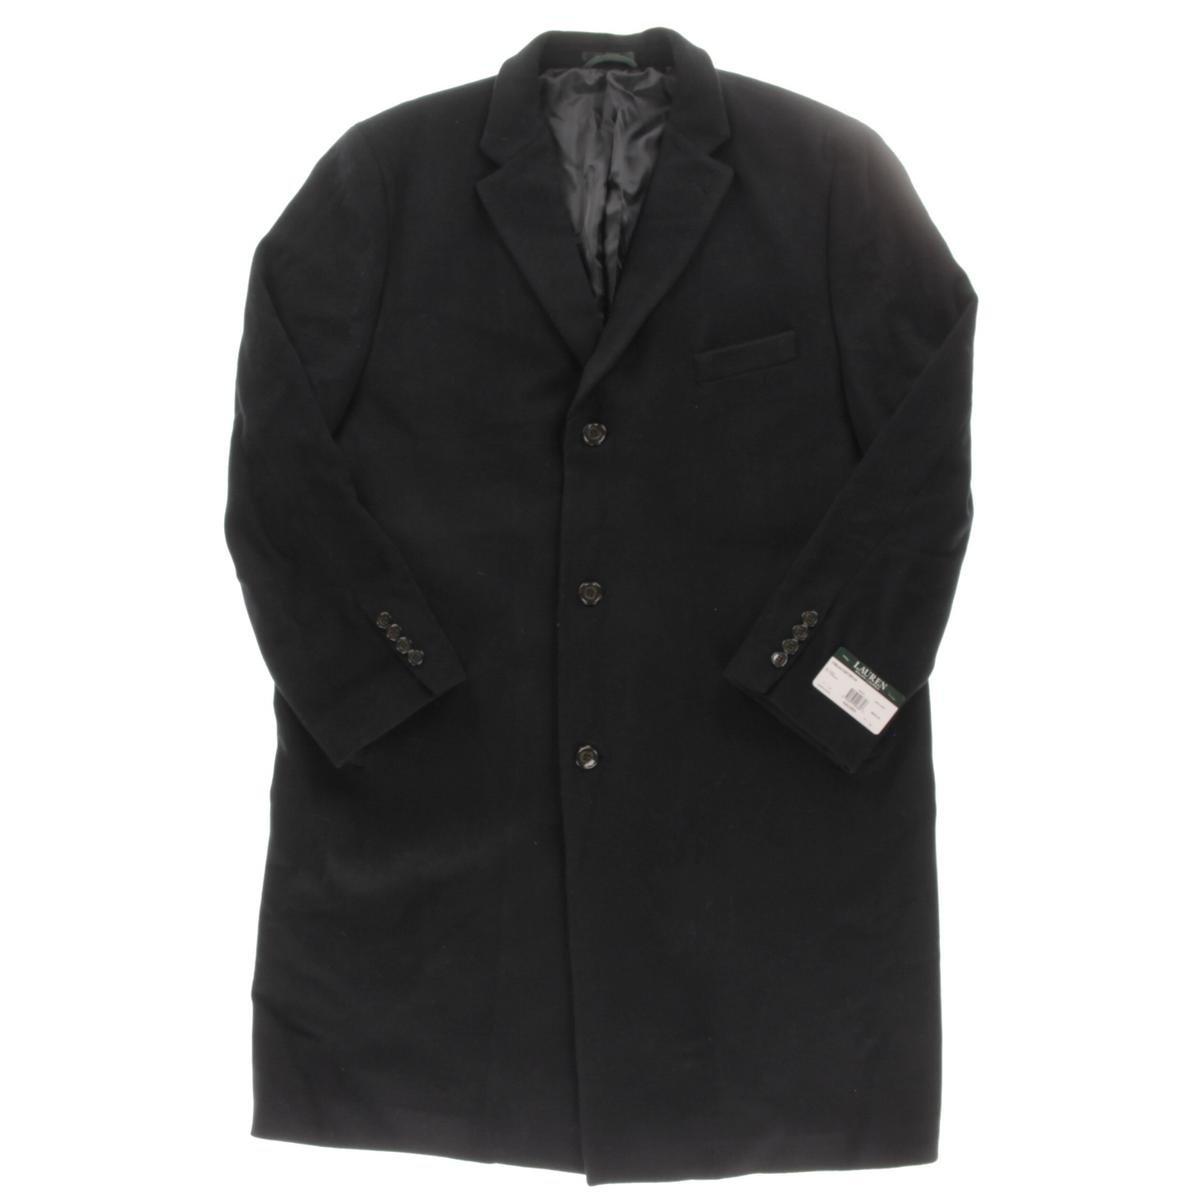 Lauren Ralph Lauren Mens Big & Tall Wool Notched Collar Top Coat Black 52L